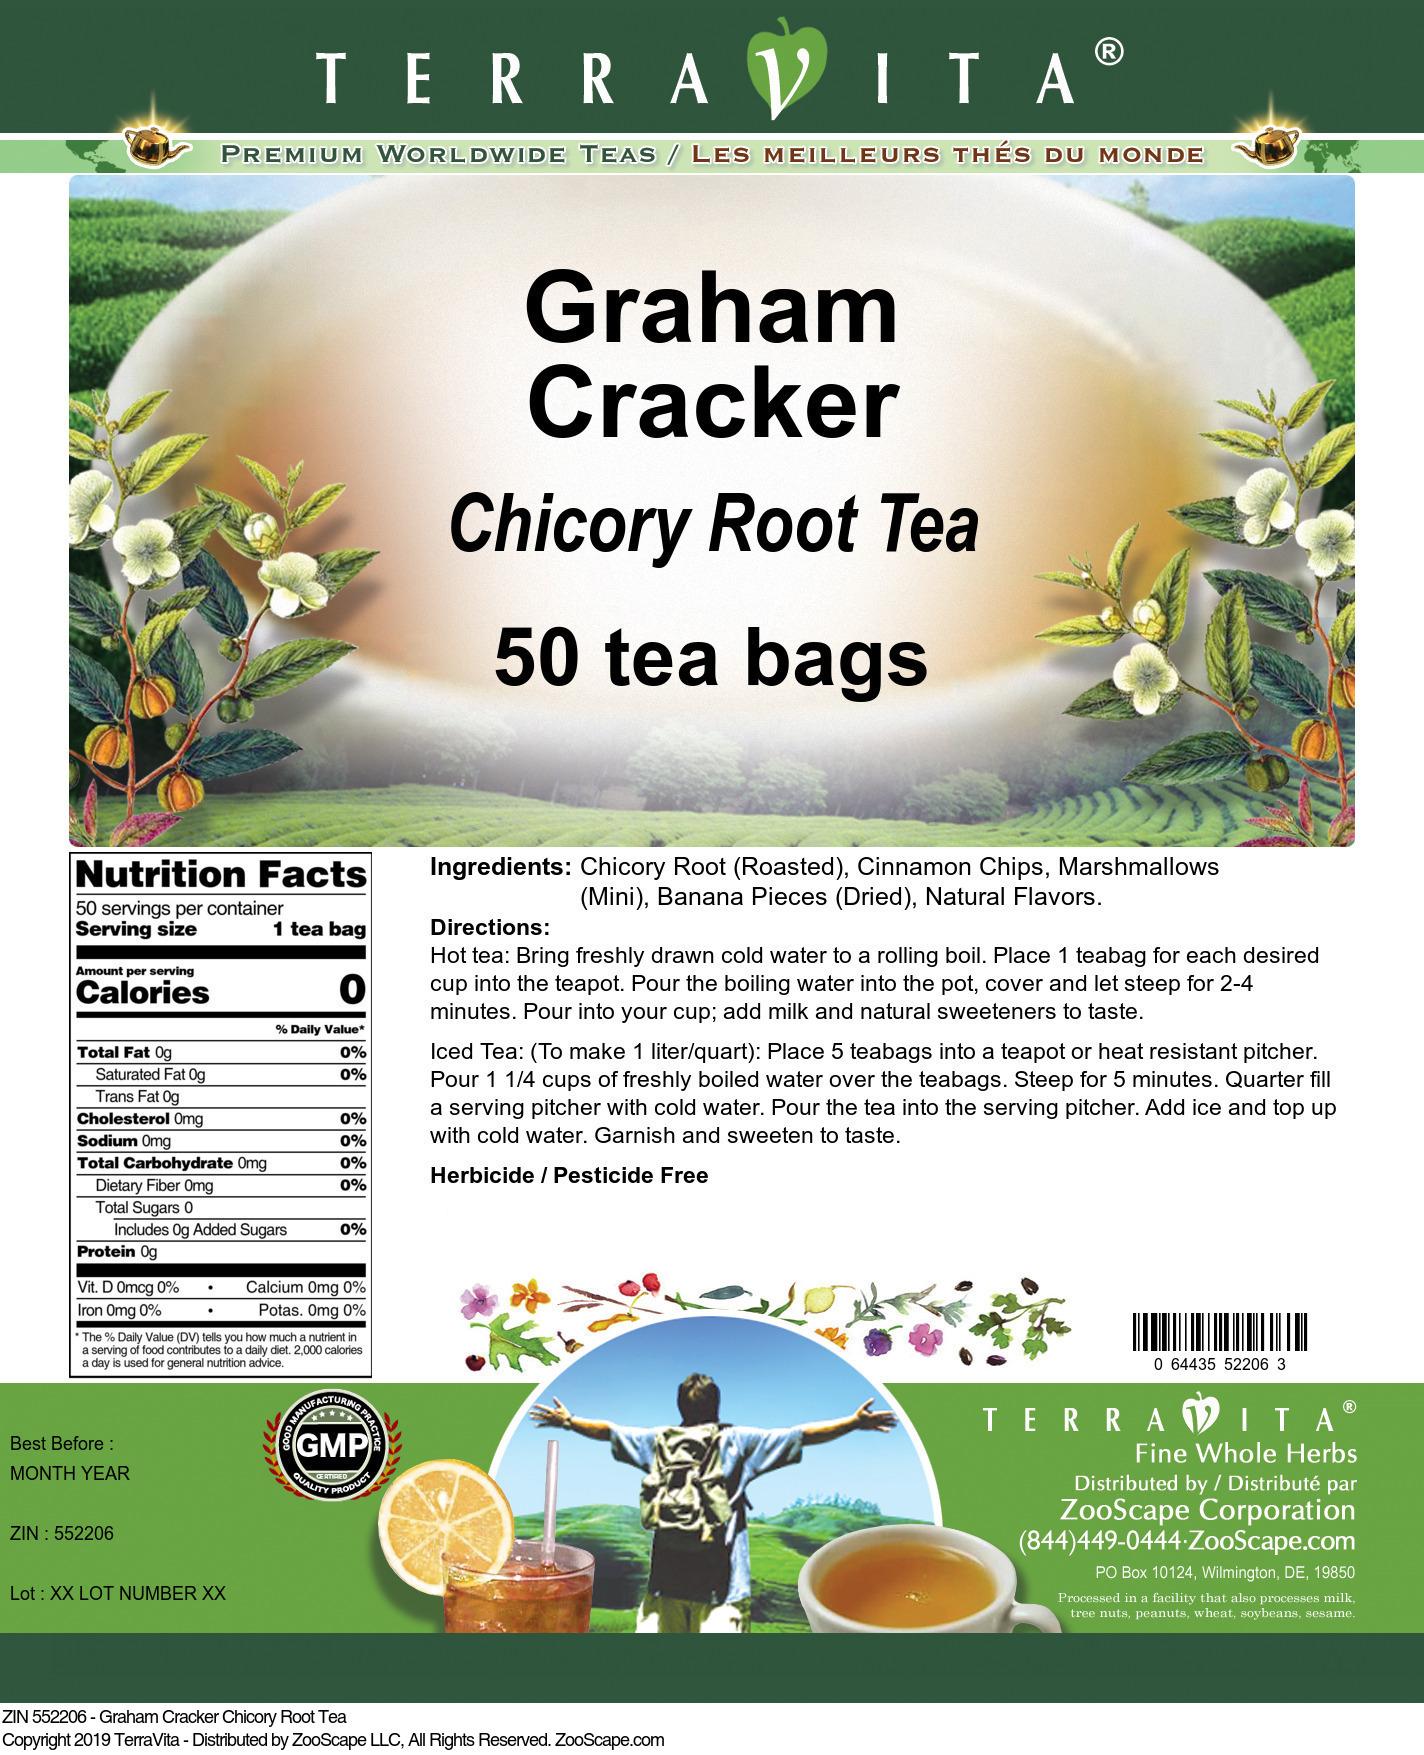 Graham Cracker Chicory Root